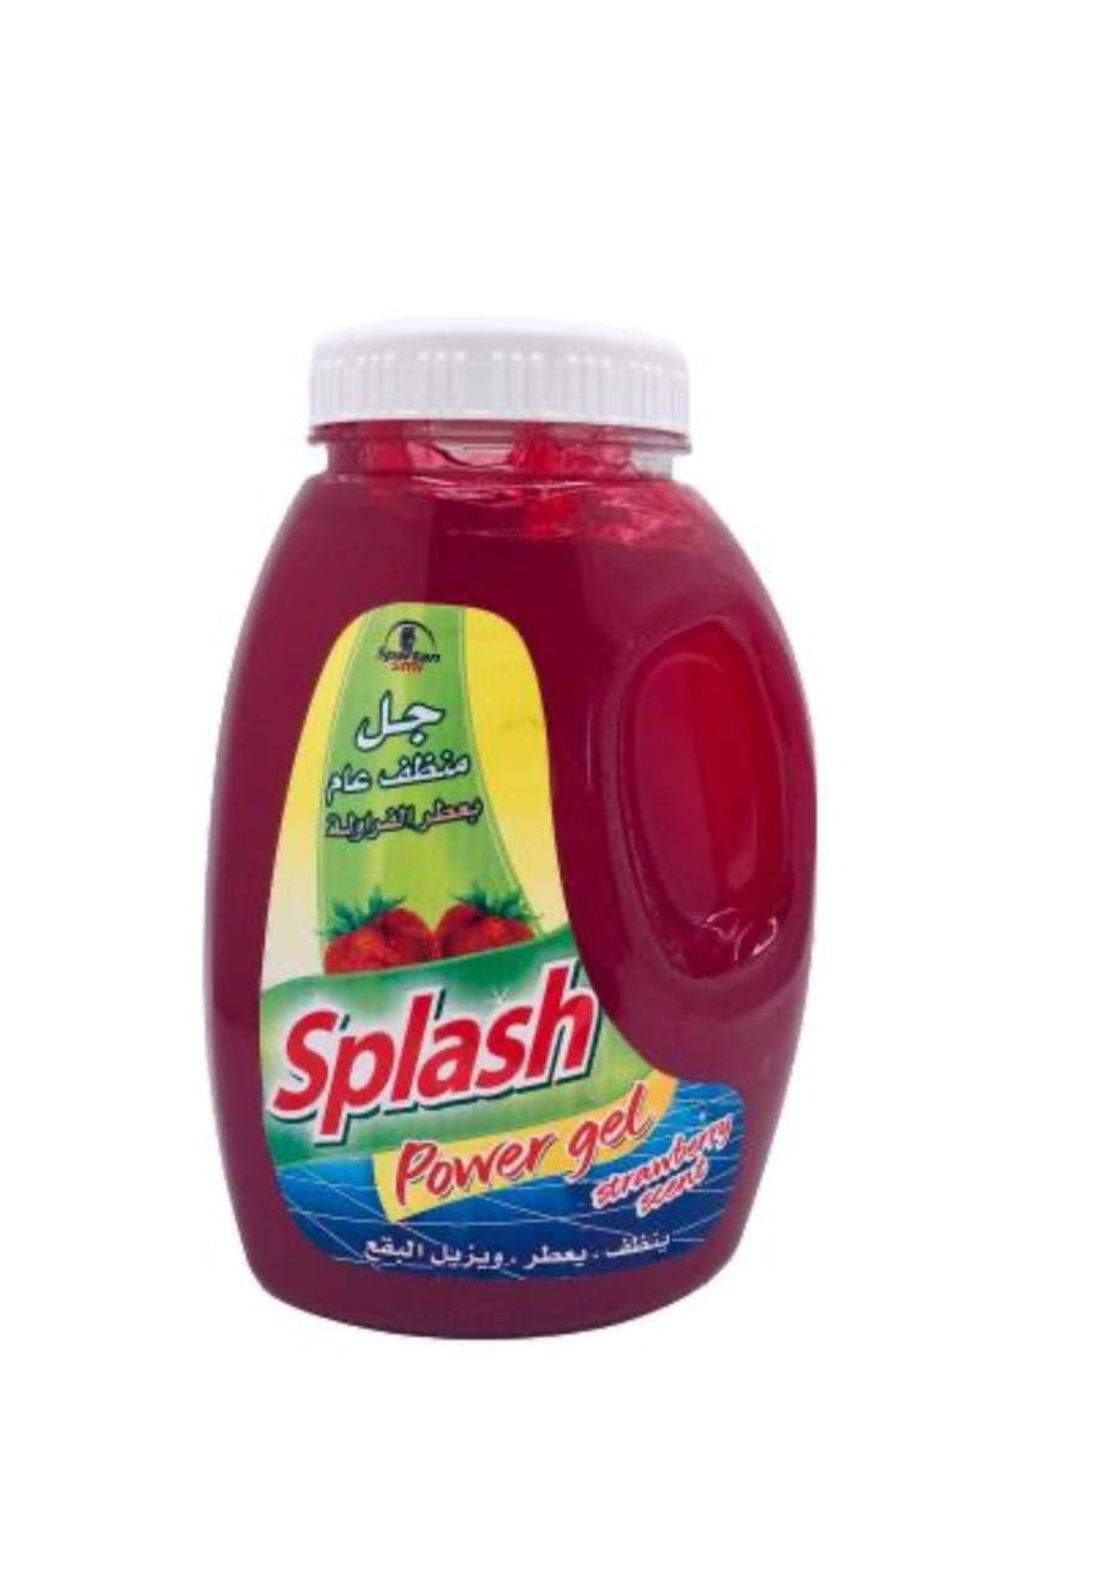 Splash power gel 1.5 kg سبلاش بور جل